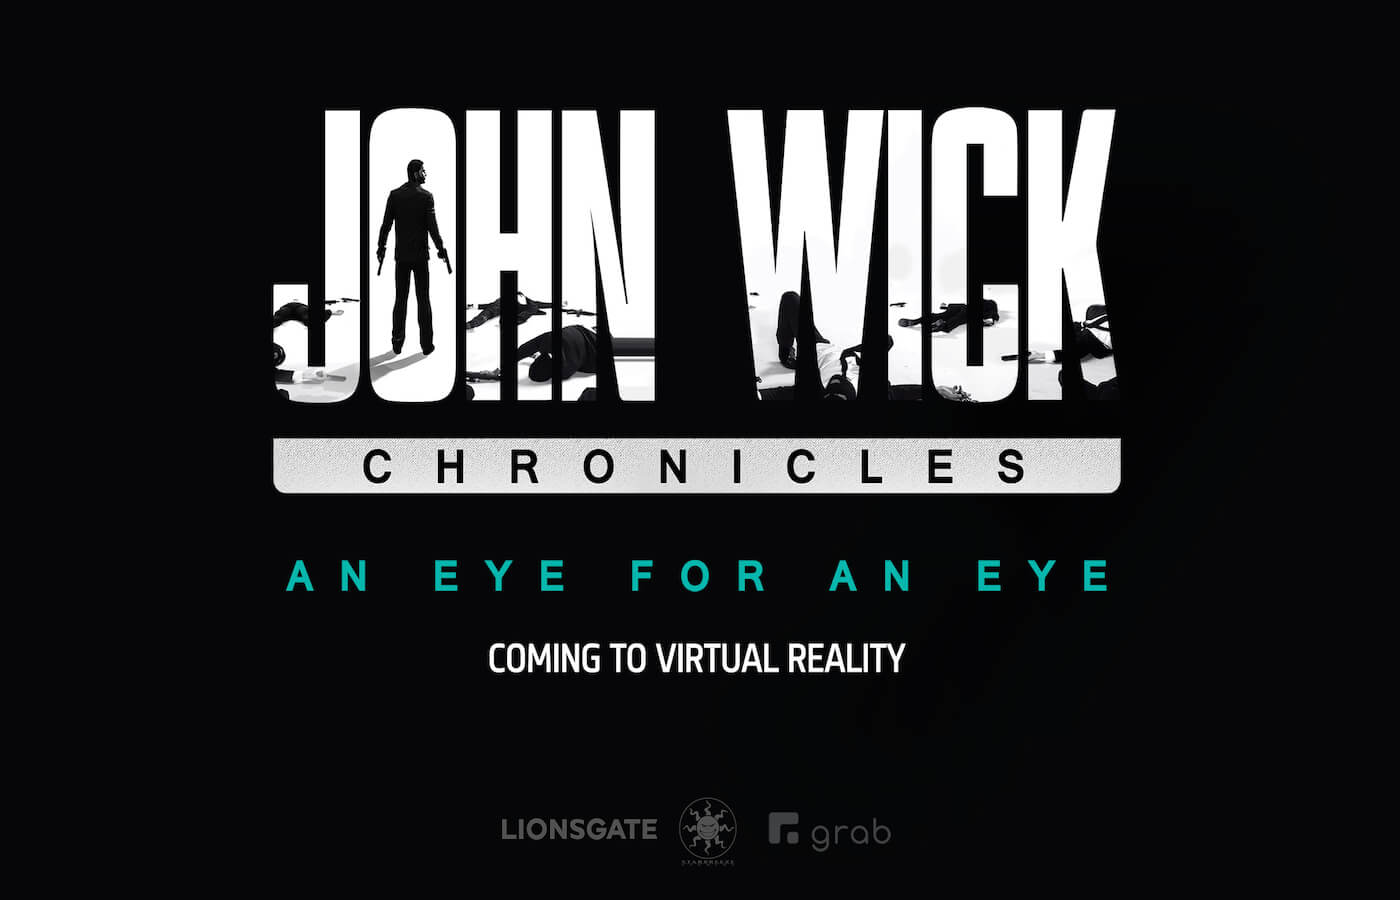 キアヌ・リーブス主演『ジョン・ウィック』が一人称シューティング(FPS)としてVRゲーム化!